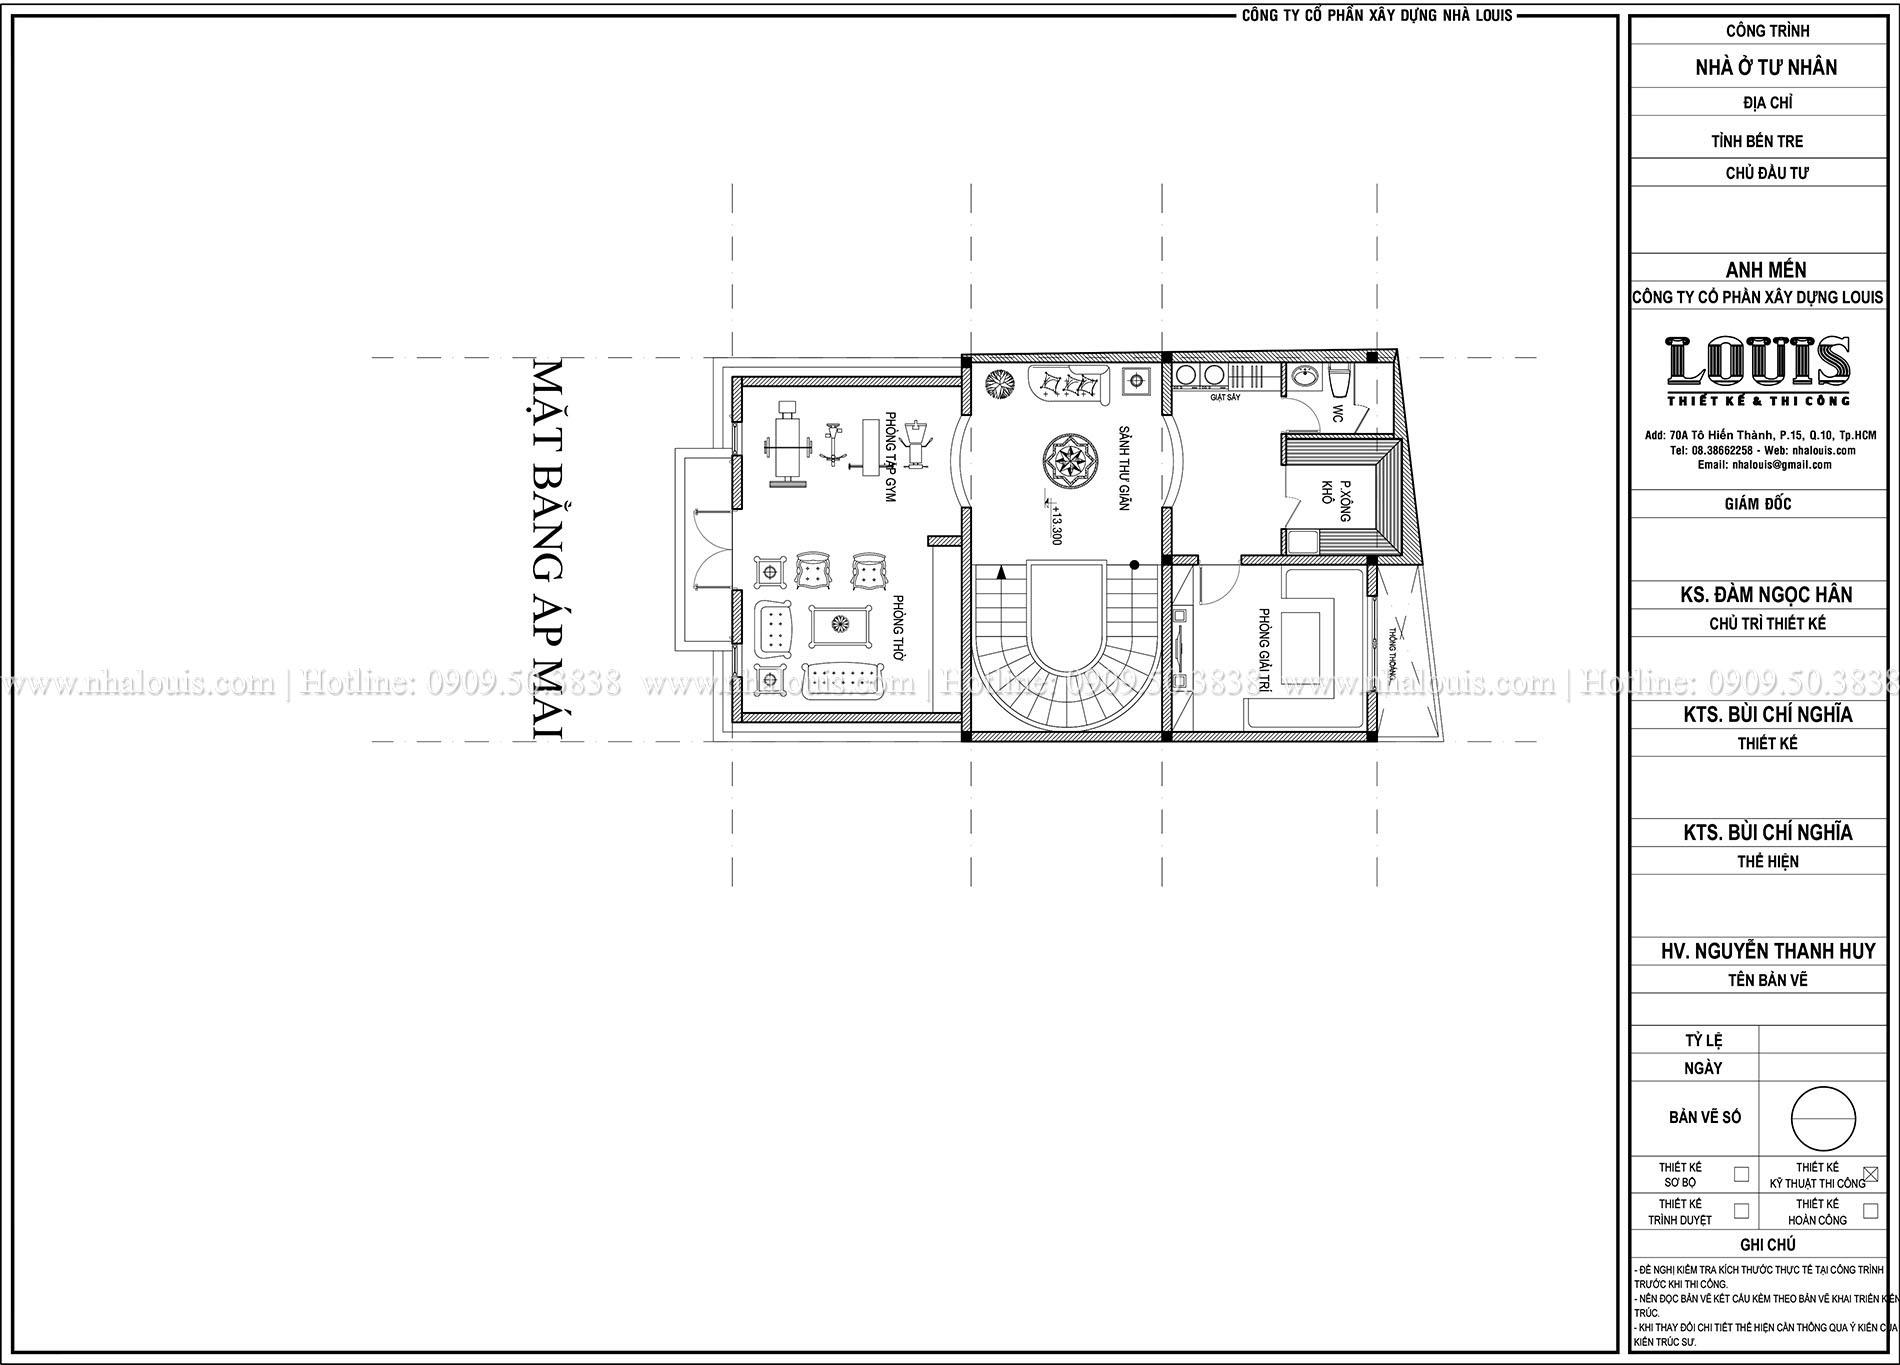 Mặt bằng áp mái biệt thự phong cách cổ điển châu Âu - 043 - 1